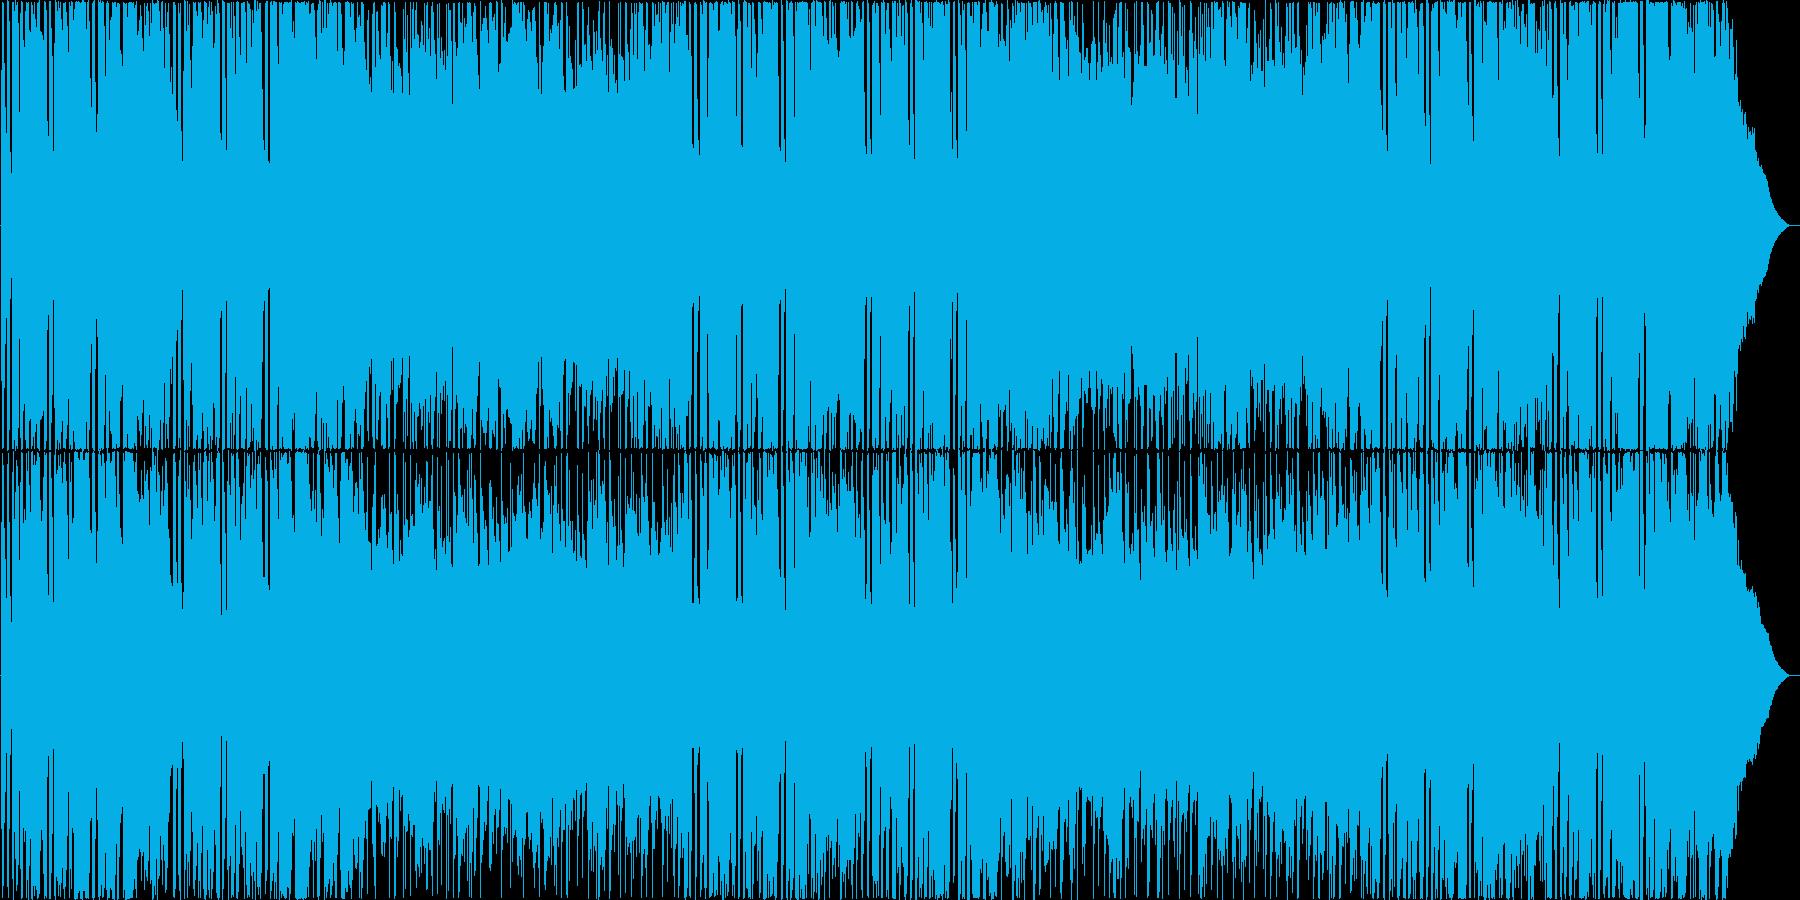 ギターメロディが印象的なBGMの再生済みの波形